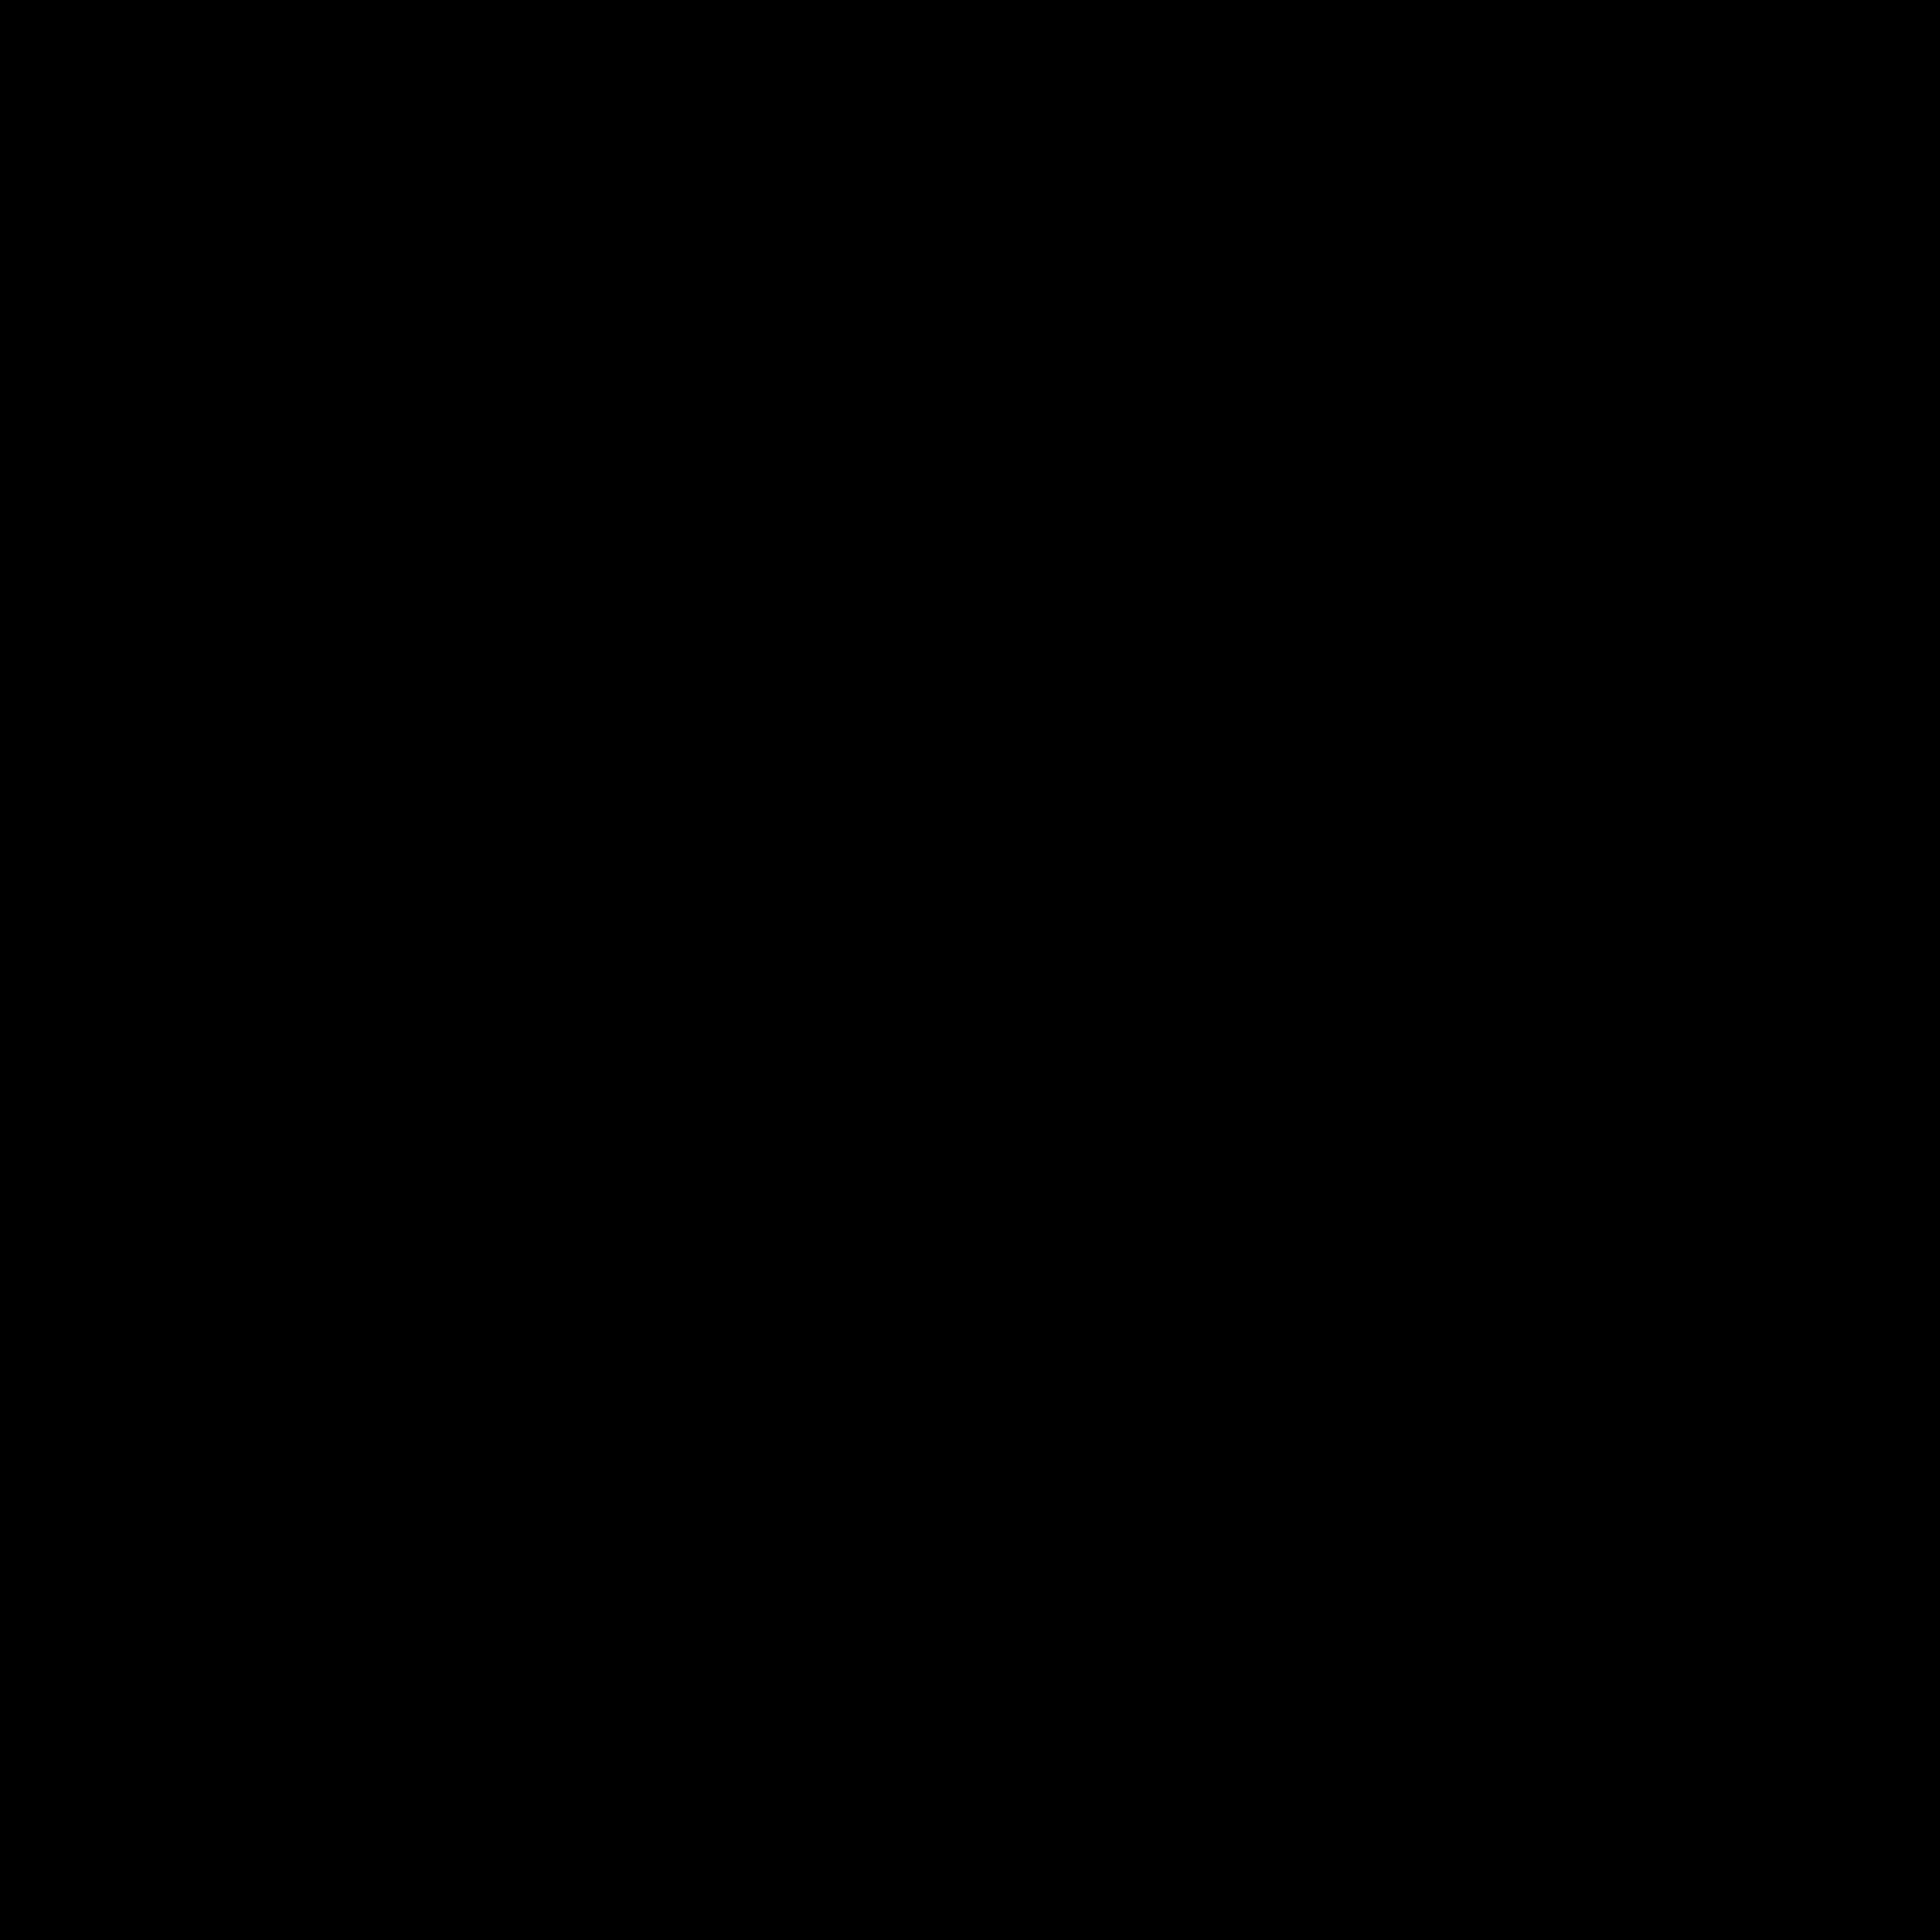 logo_sigil_2ro.png